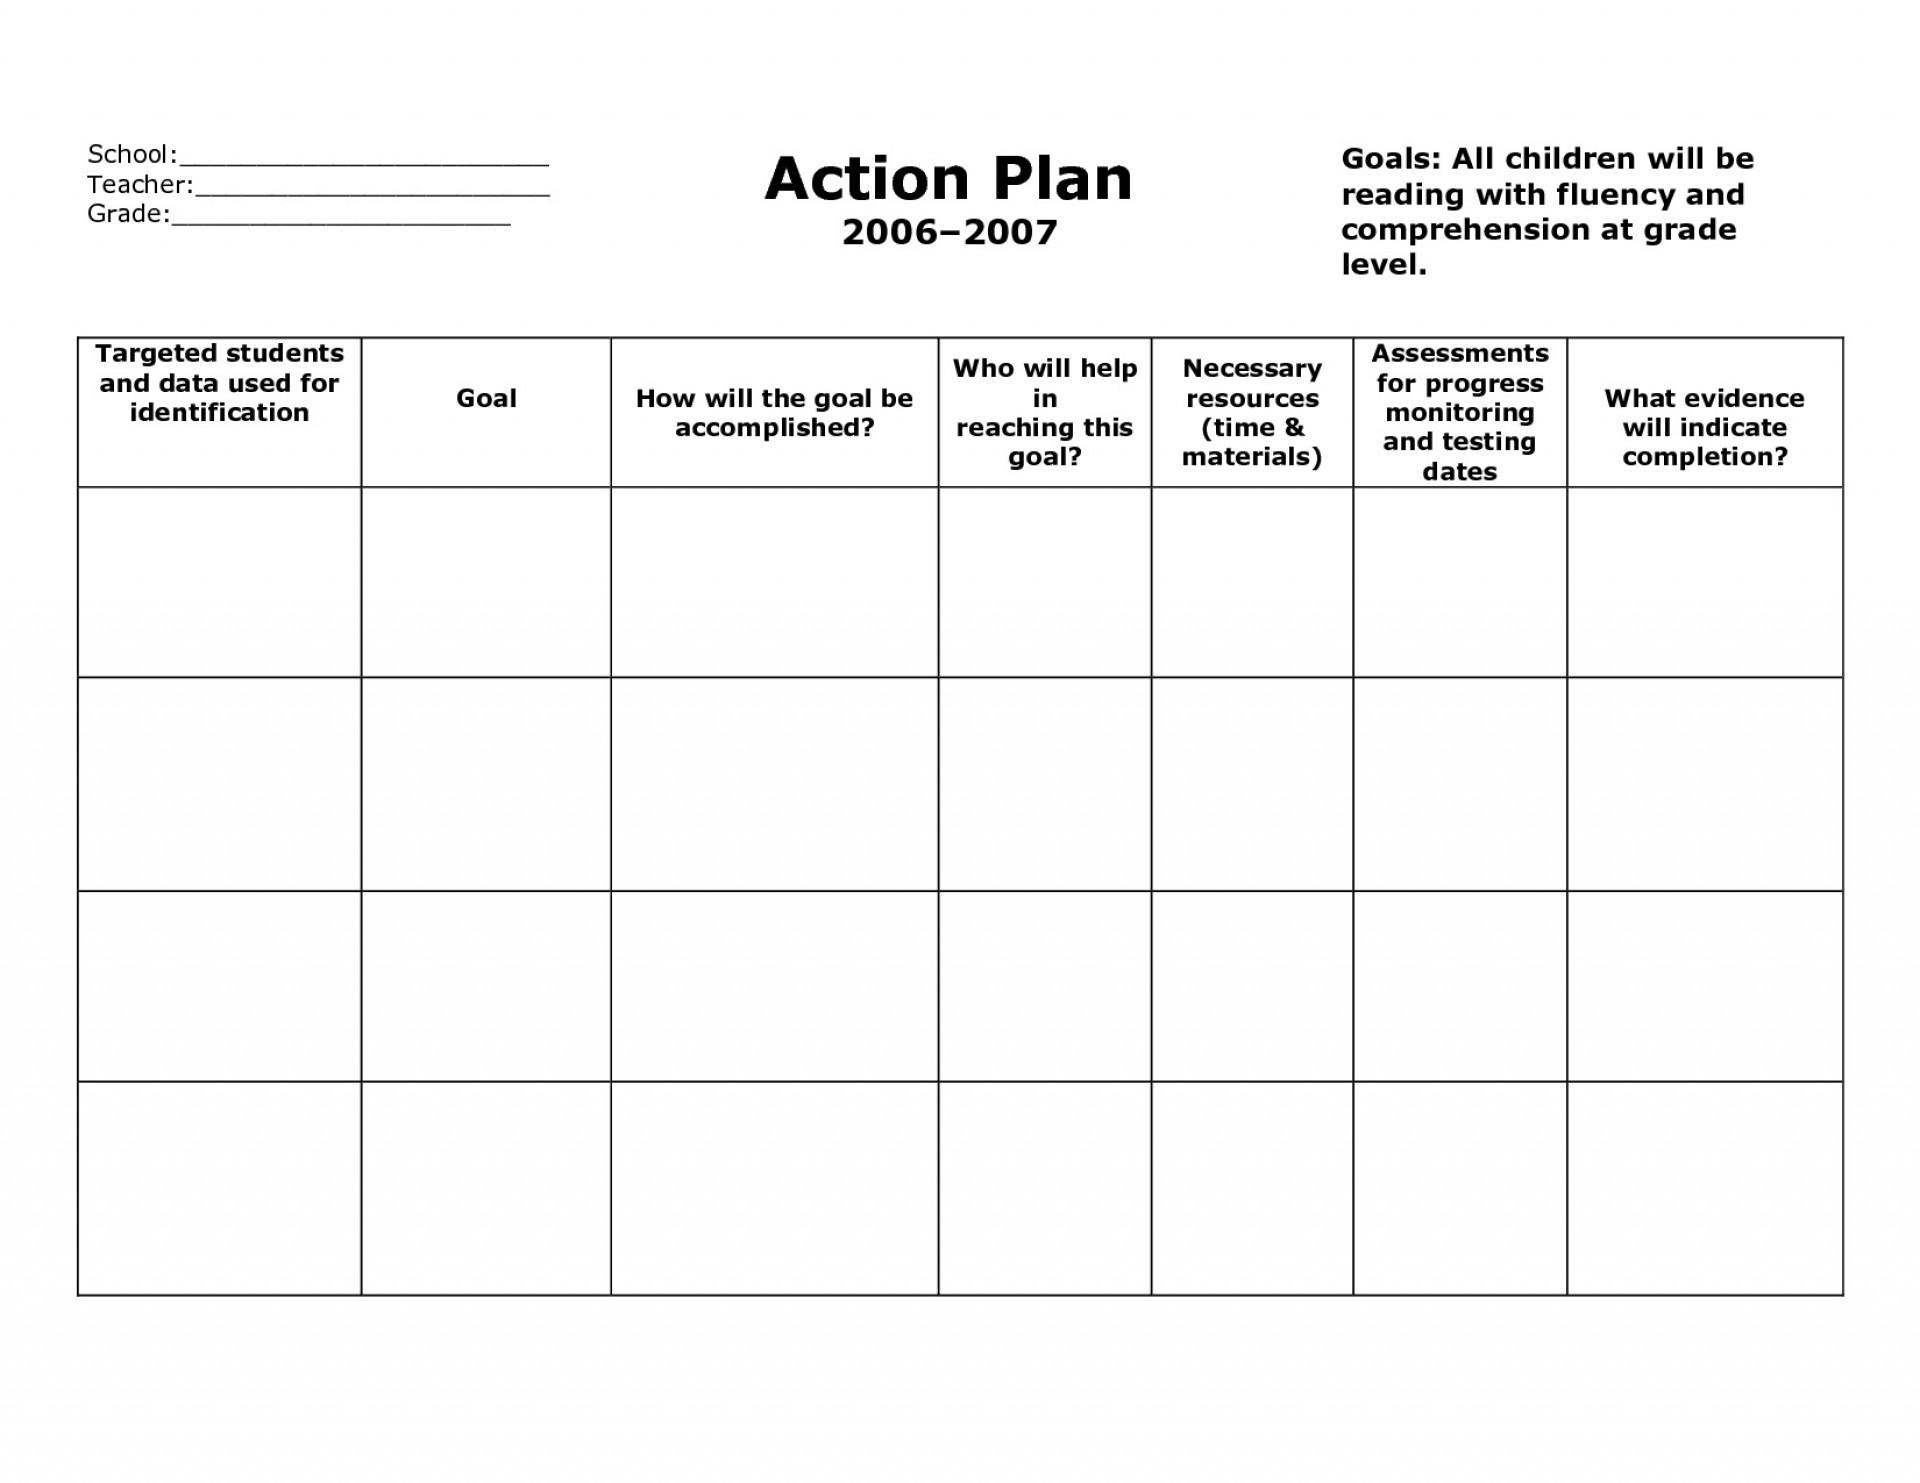 008 Breathtaking Smart Action Plan Template Image  Nh Download Nursing1920